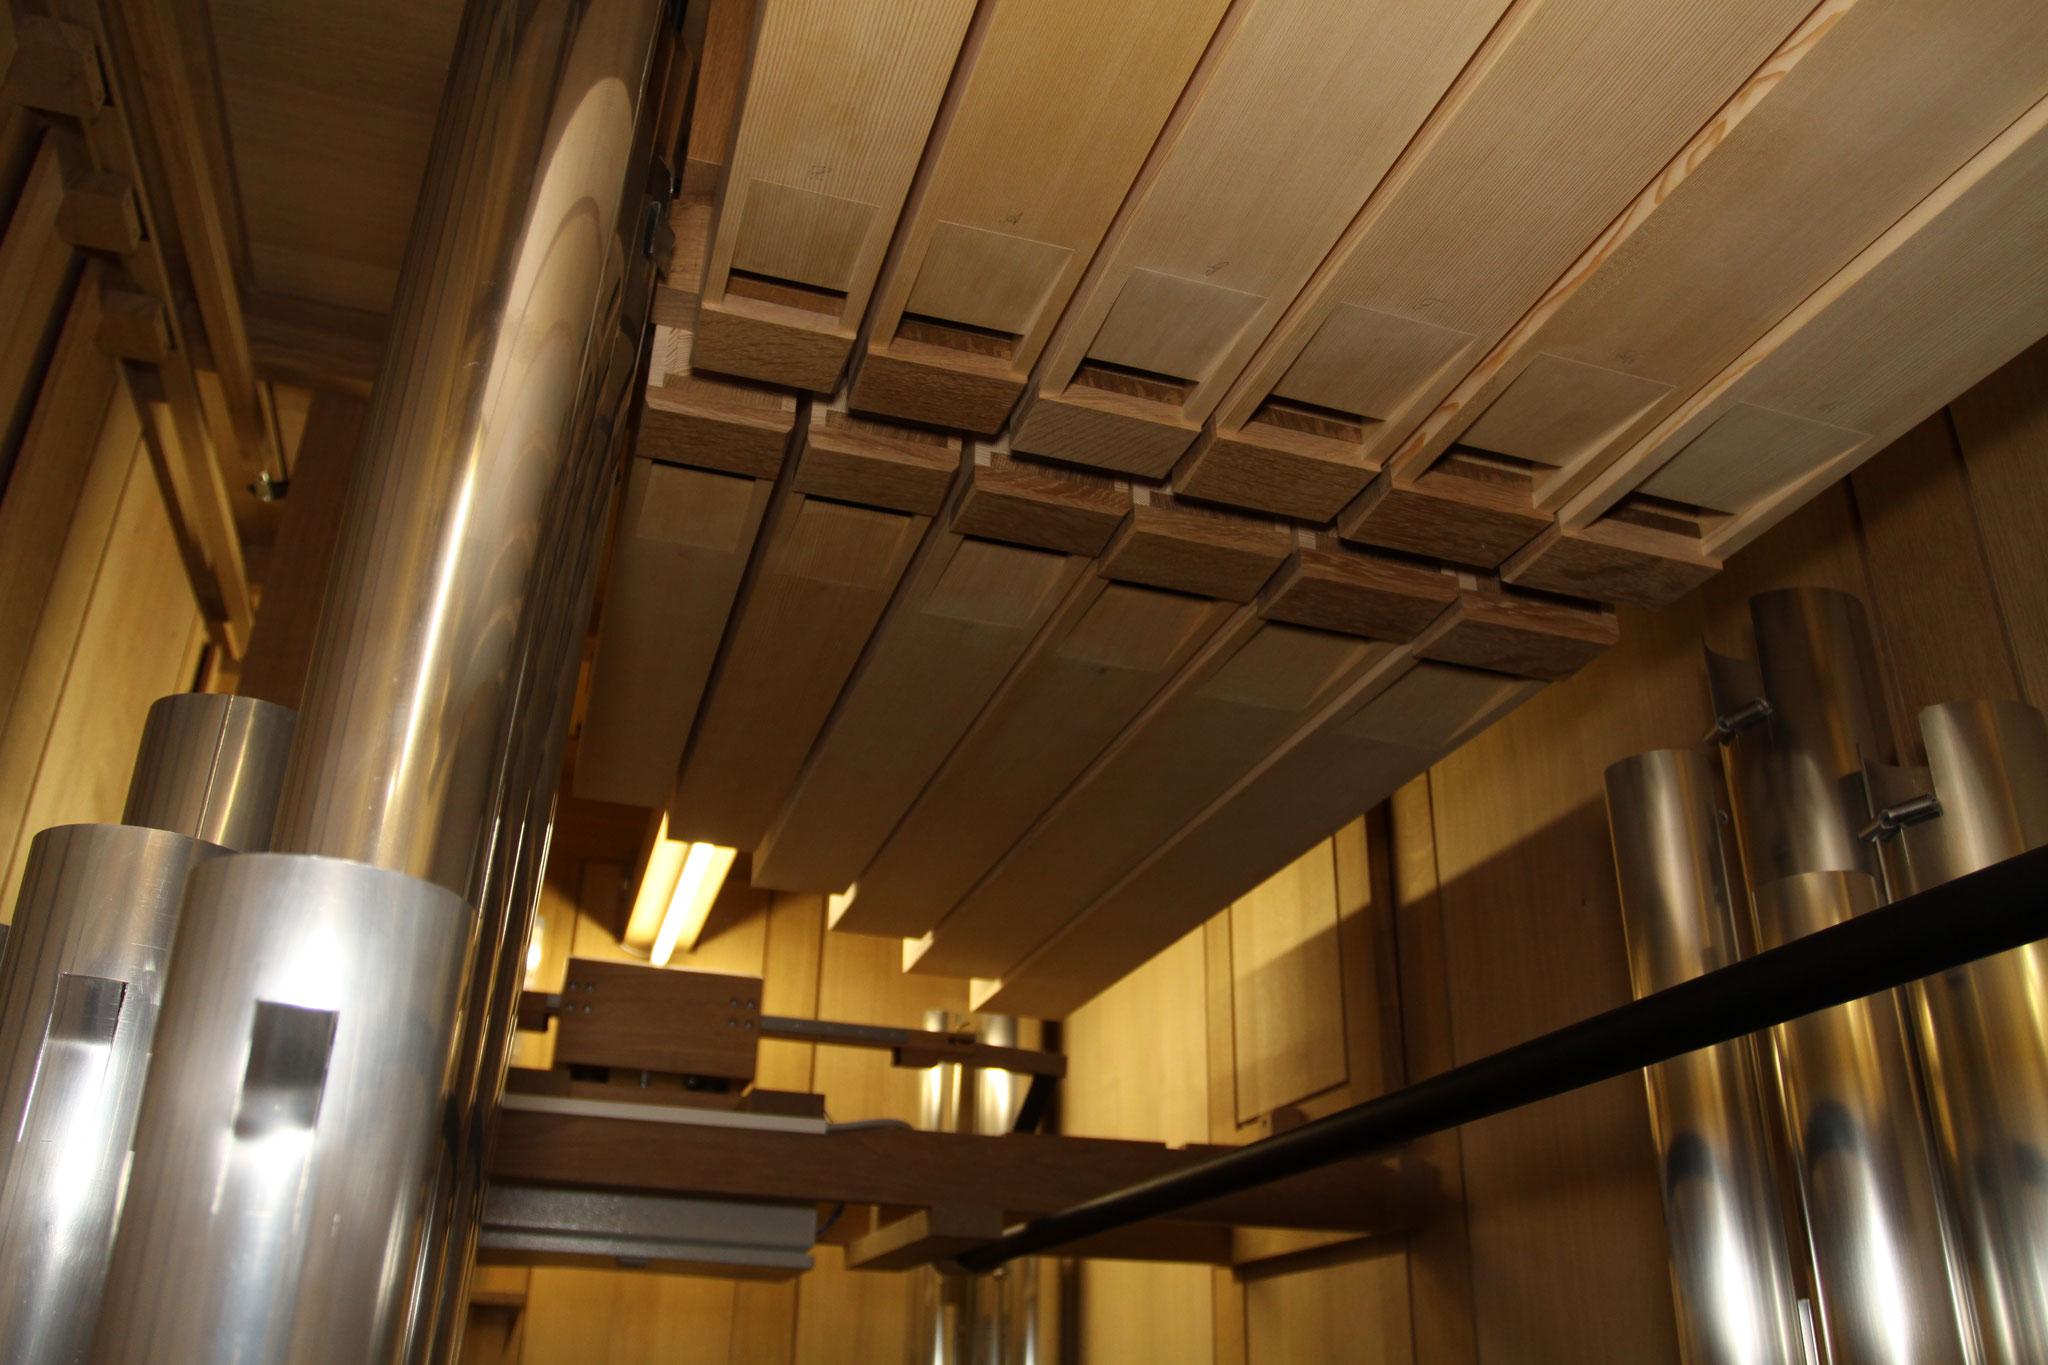 Récit. Unter der Decke hängende große Oktave des Bourdon. (Photo: Franz Peters, Goch)